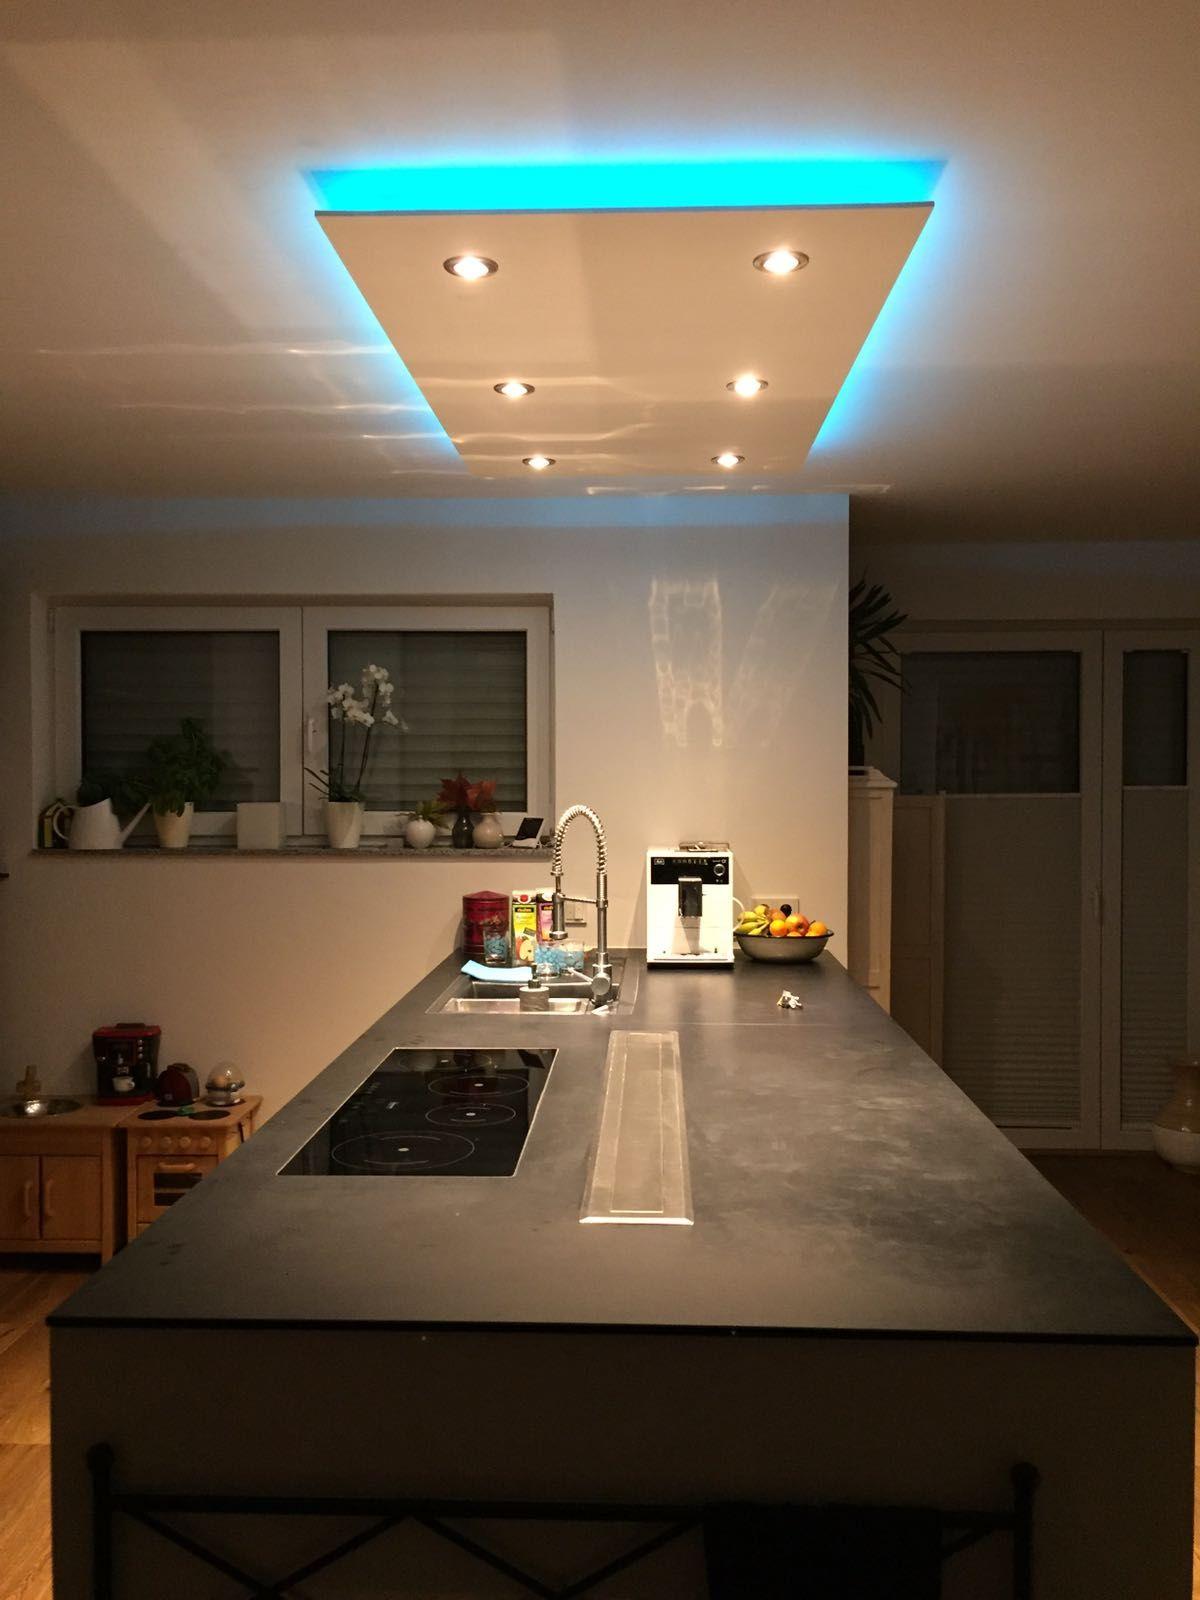 Full Size of Deckenleuchte Küche Ebay Deckenleuchte Lampe Küche Deckenleuchte Küche Halogen Hochwertige Deckenleuchten Küche Küche Deckenleuchten Küche